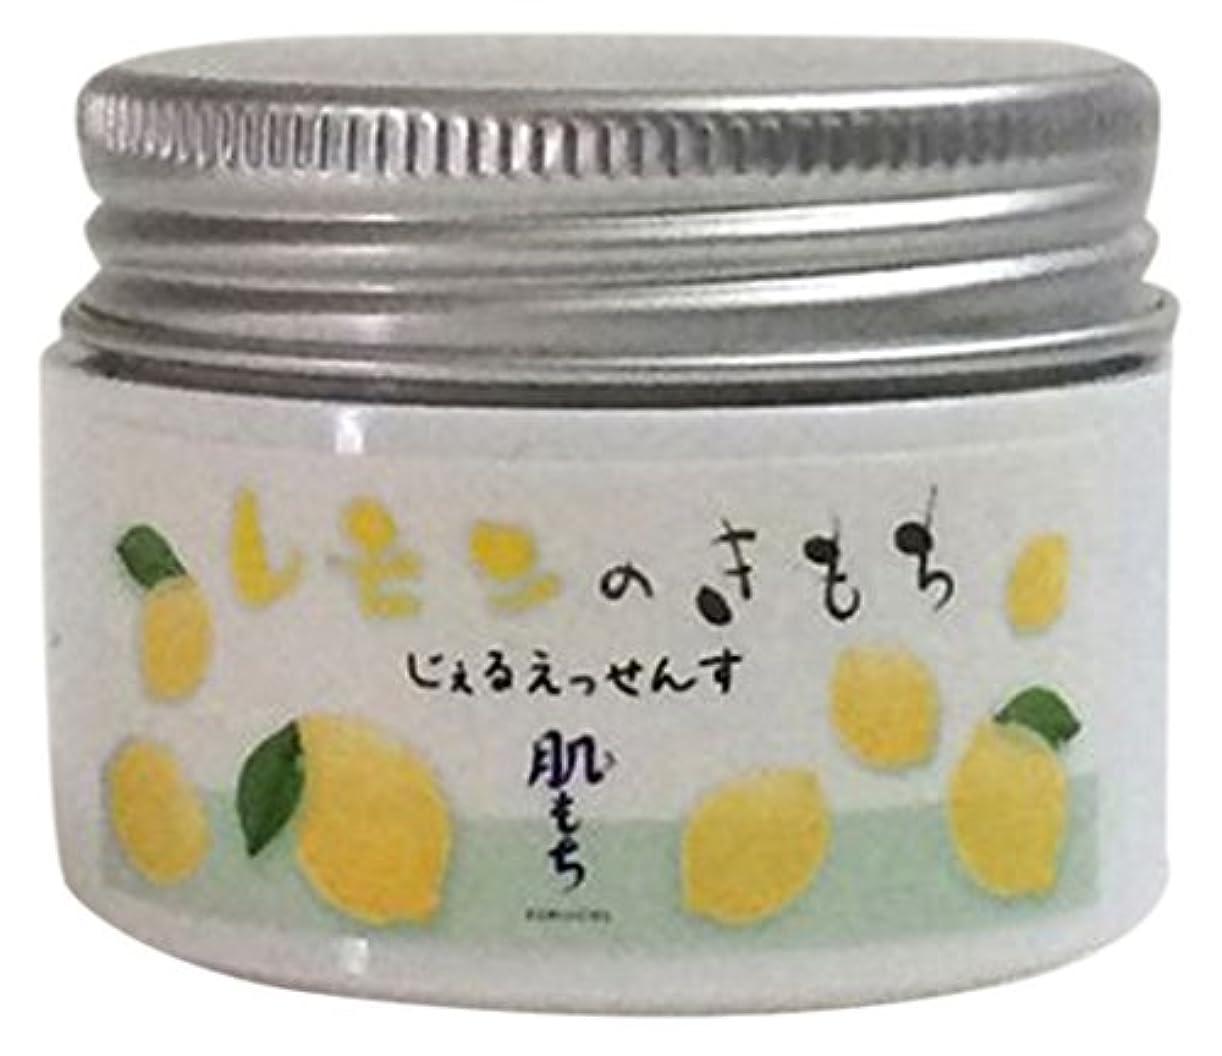 スチュワードダムコントローラ肌もち ジェルエッセンス(レモン) 50g